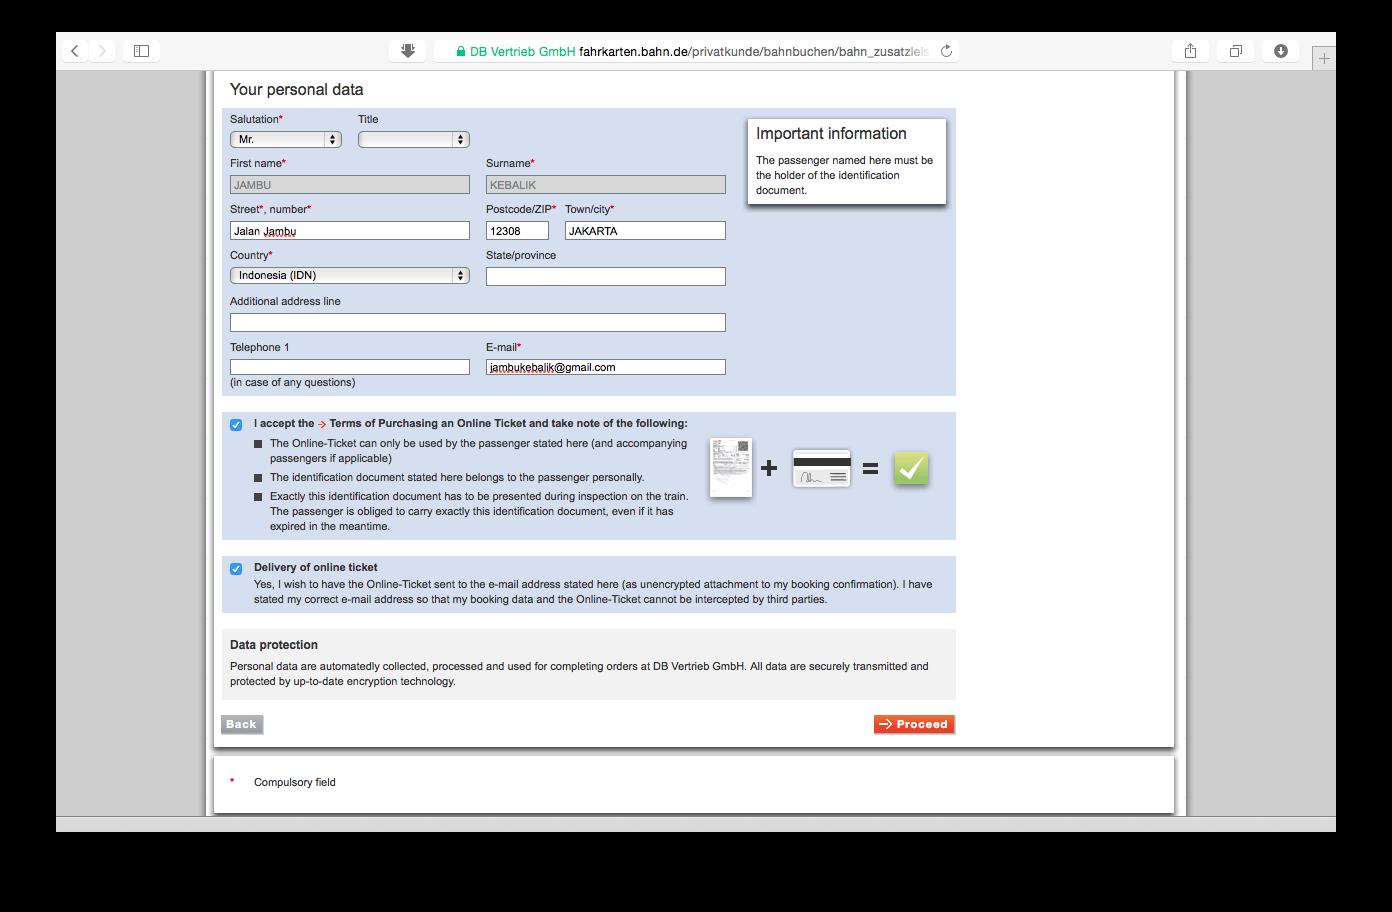 Tampilan web bahn.de: pengisian data penumpang